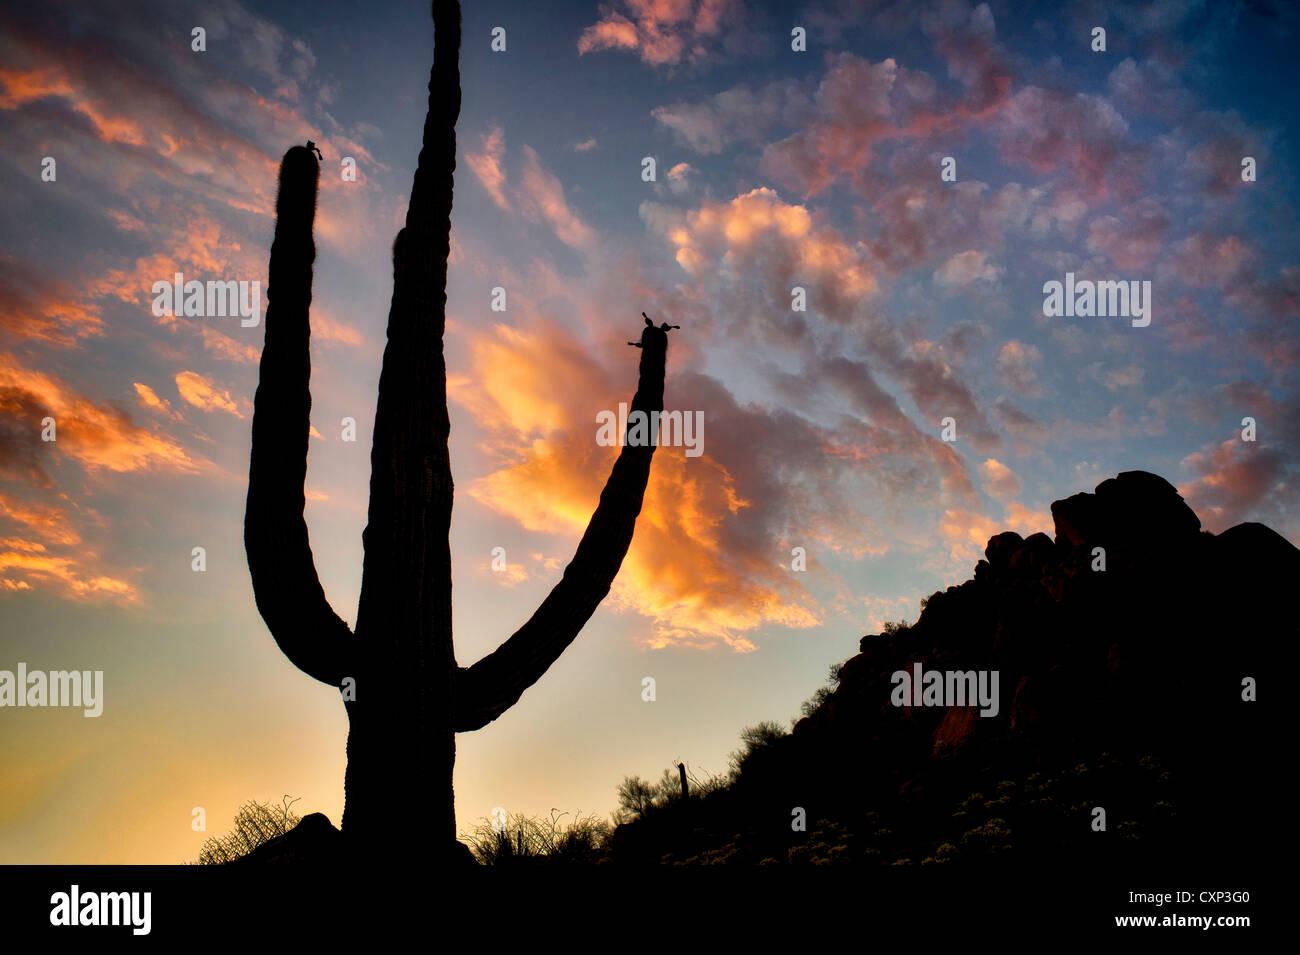 Saguaro-Kaktus und Sonnenuntergang-Wolken. Sonora-Wüste in Arizona Stockfoto